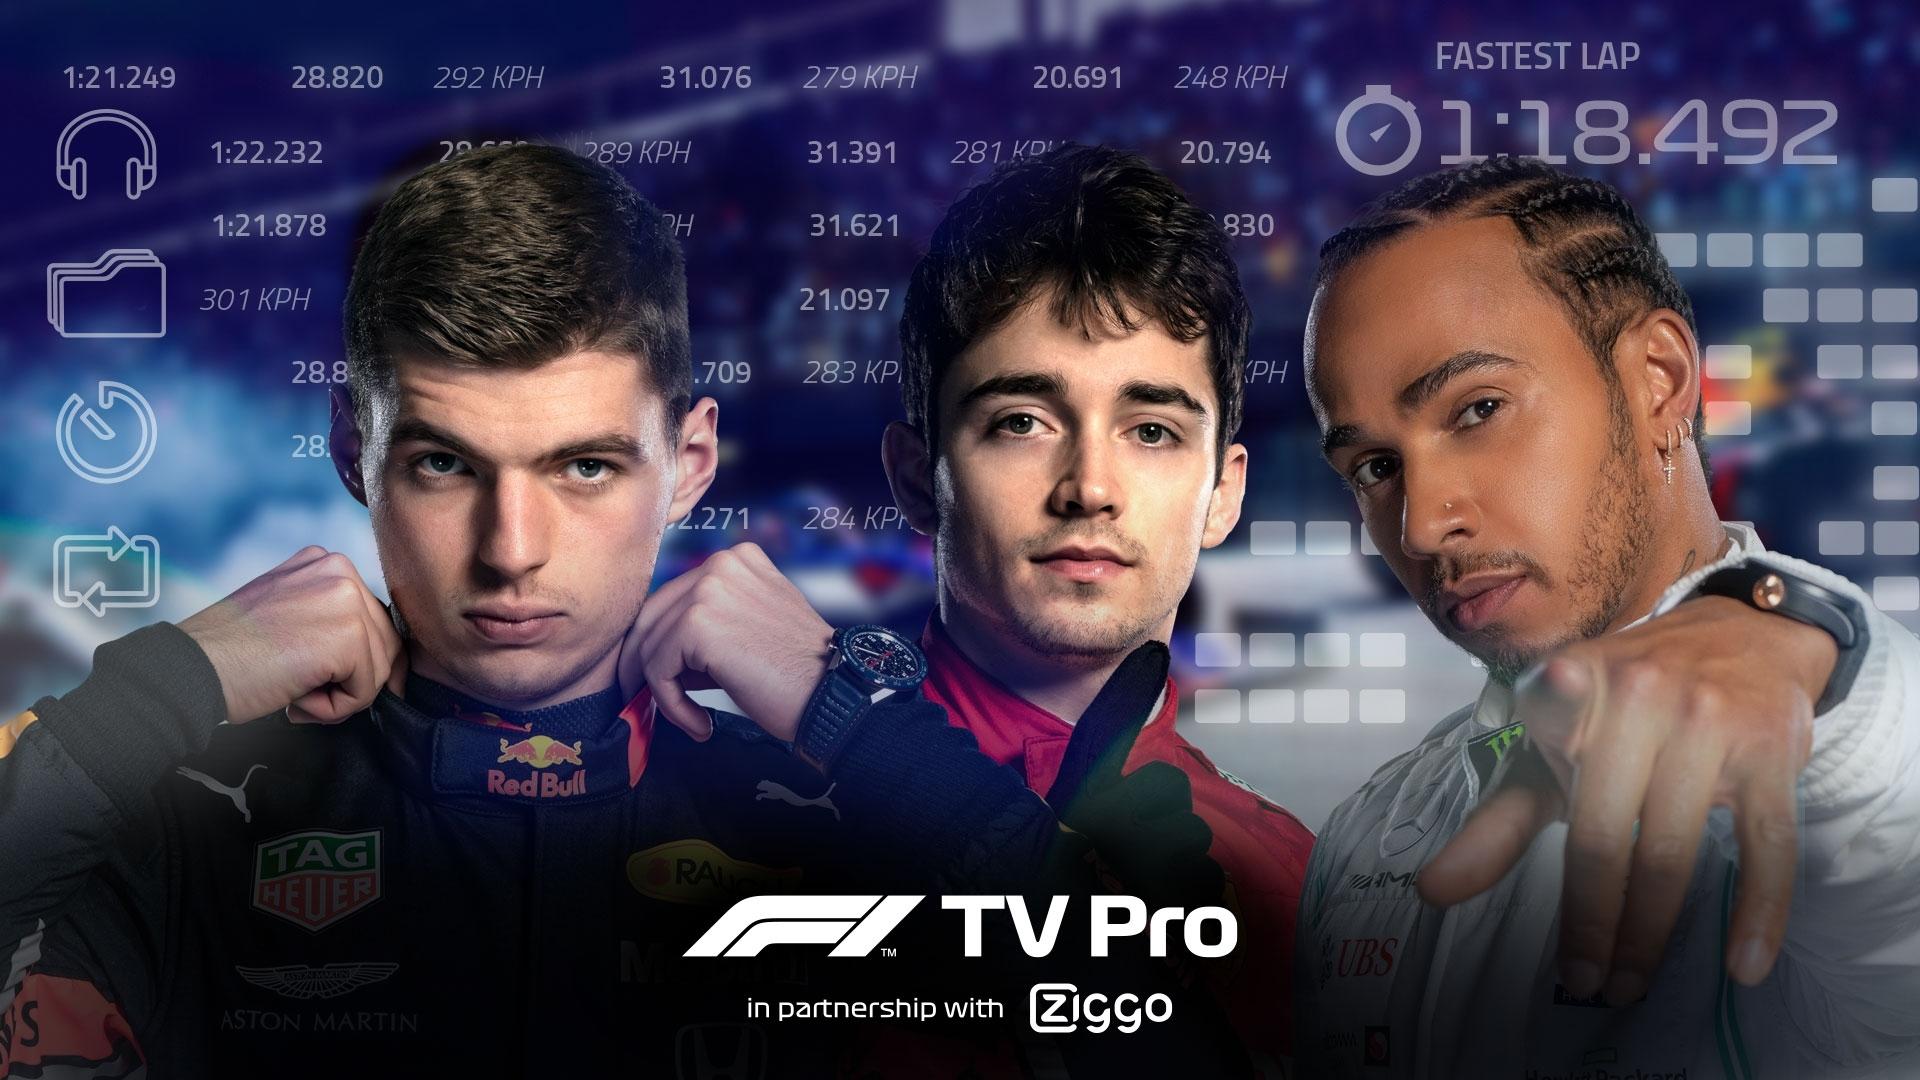 [Ziggo + ZST] gratis F1 TV Pro! voor Ziggo Sports totaal abonnees